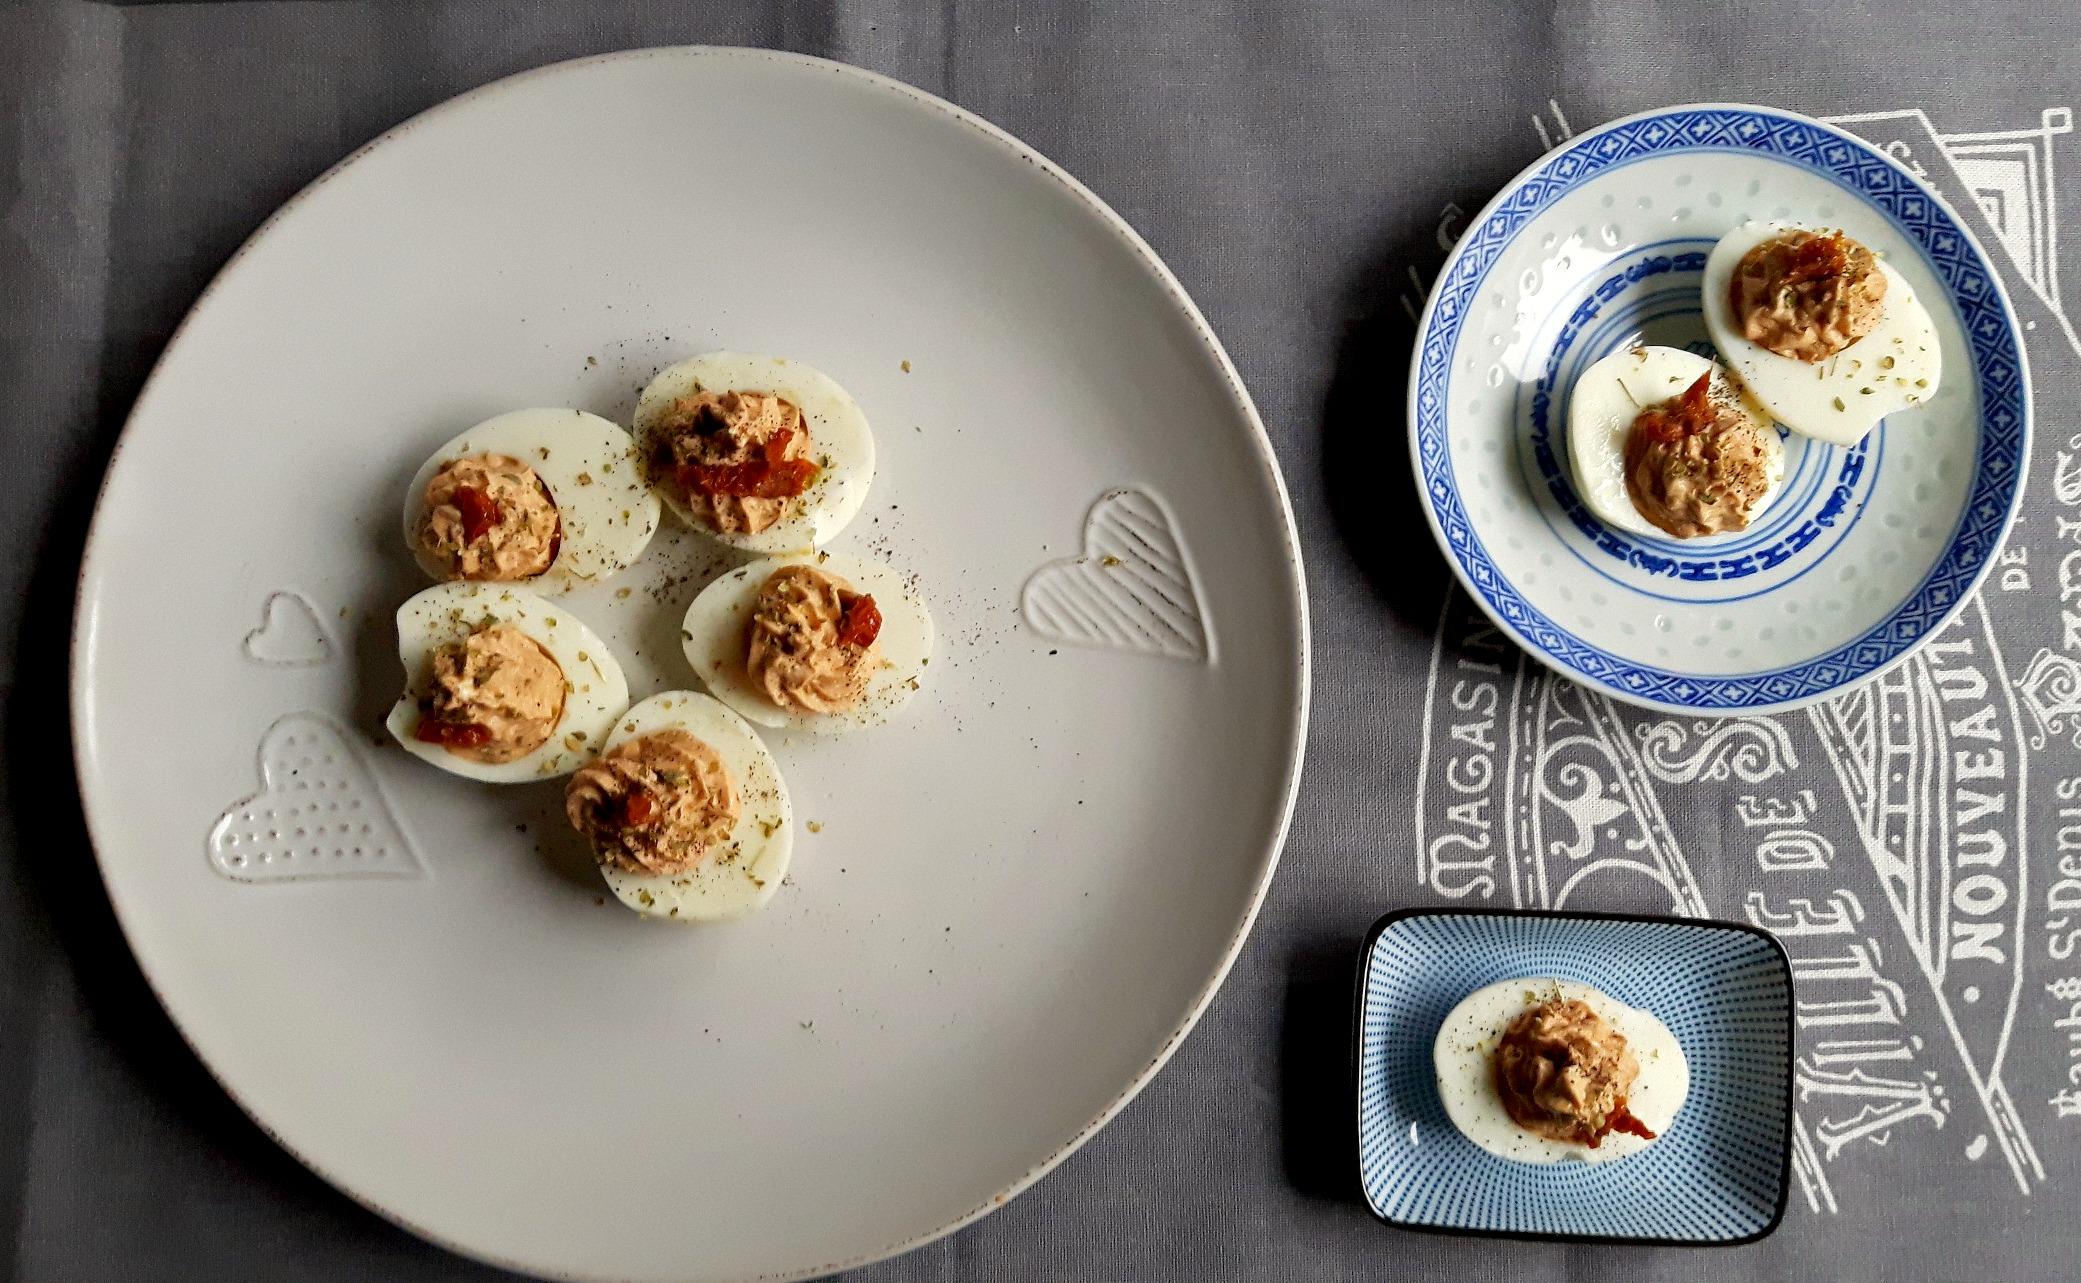 Ouă umplute cu brânză cottage și roșii uscate la soare